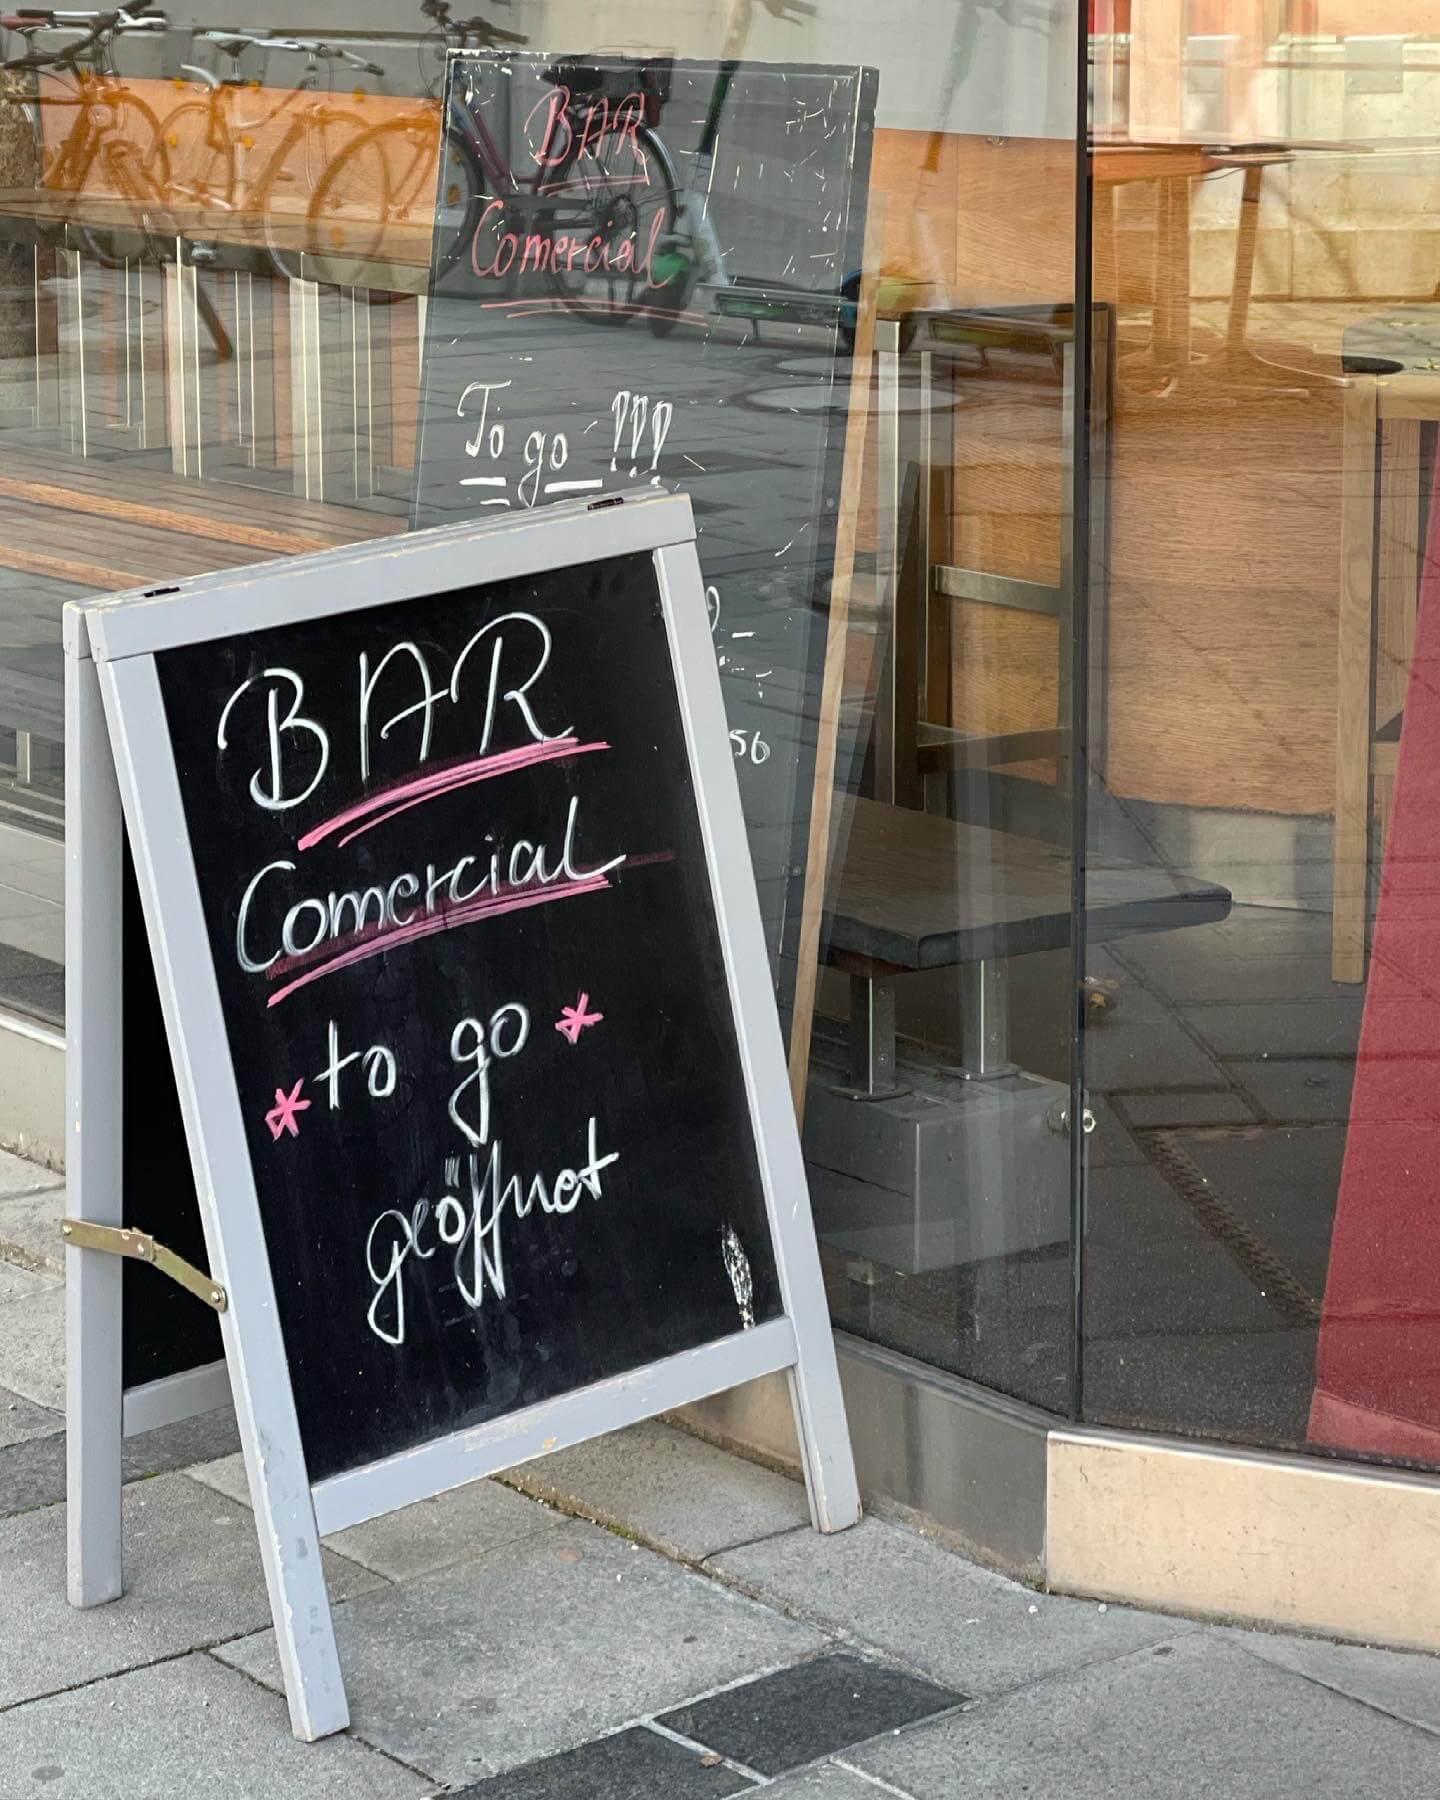 Comercial München Öffnungszeiten Corona